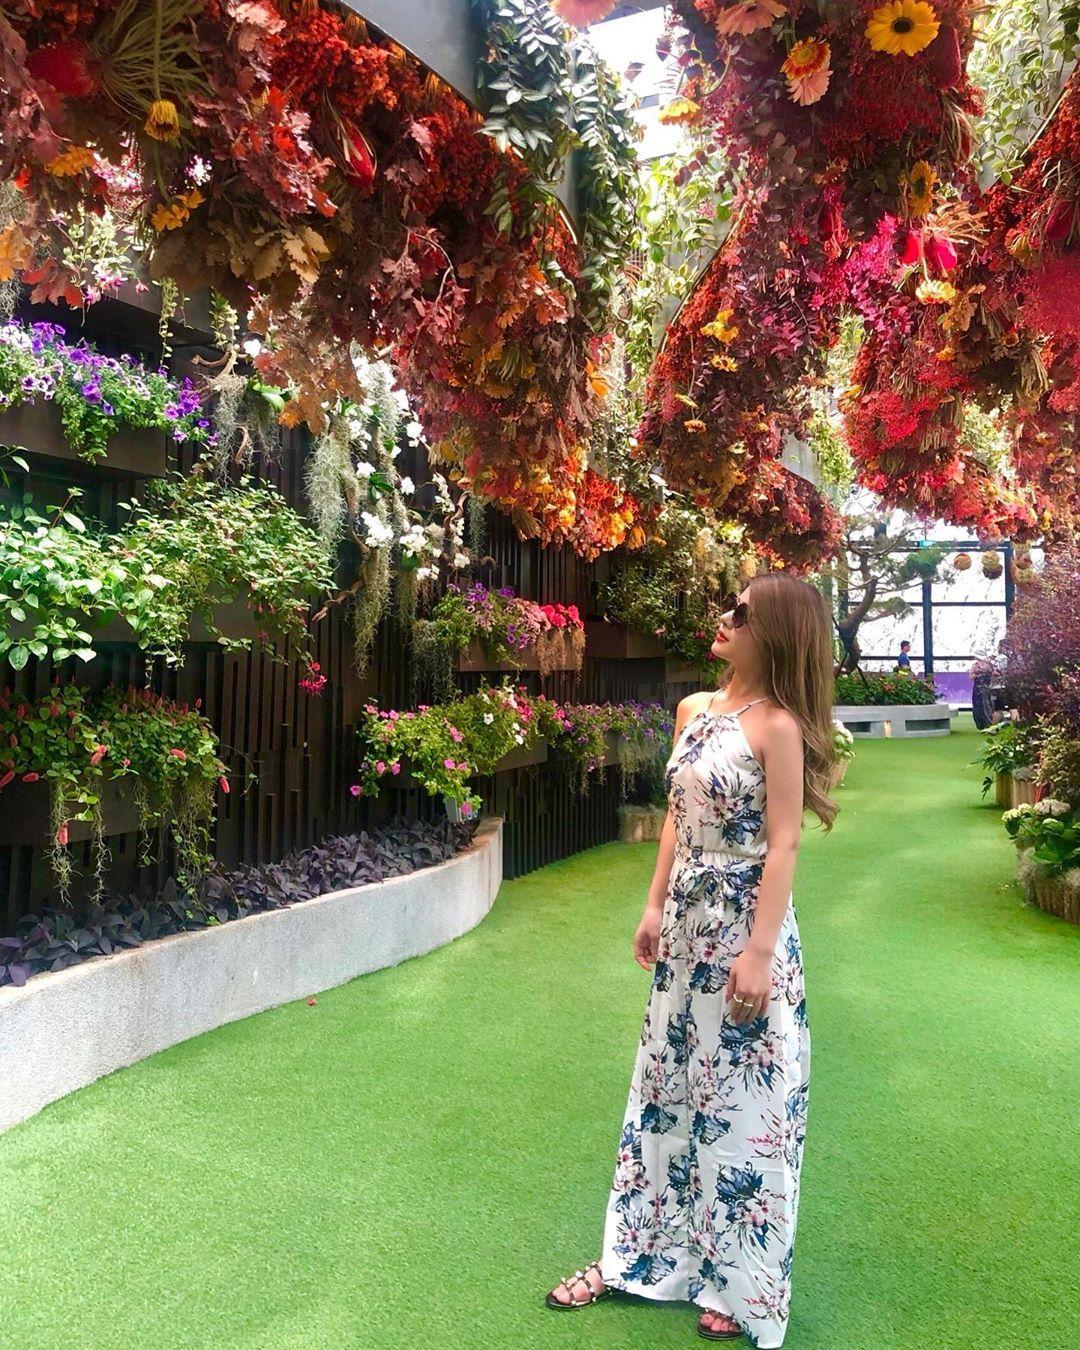 💐 . . 𝐅𝐥𝐨𝐫𝐚𝐥 𝐟𝐚𝐧𝐭𝐚𝐬𝐲🌼 . . お花いっぱいで良い香リだしとても素敵な空間だった🥰可愛い💕